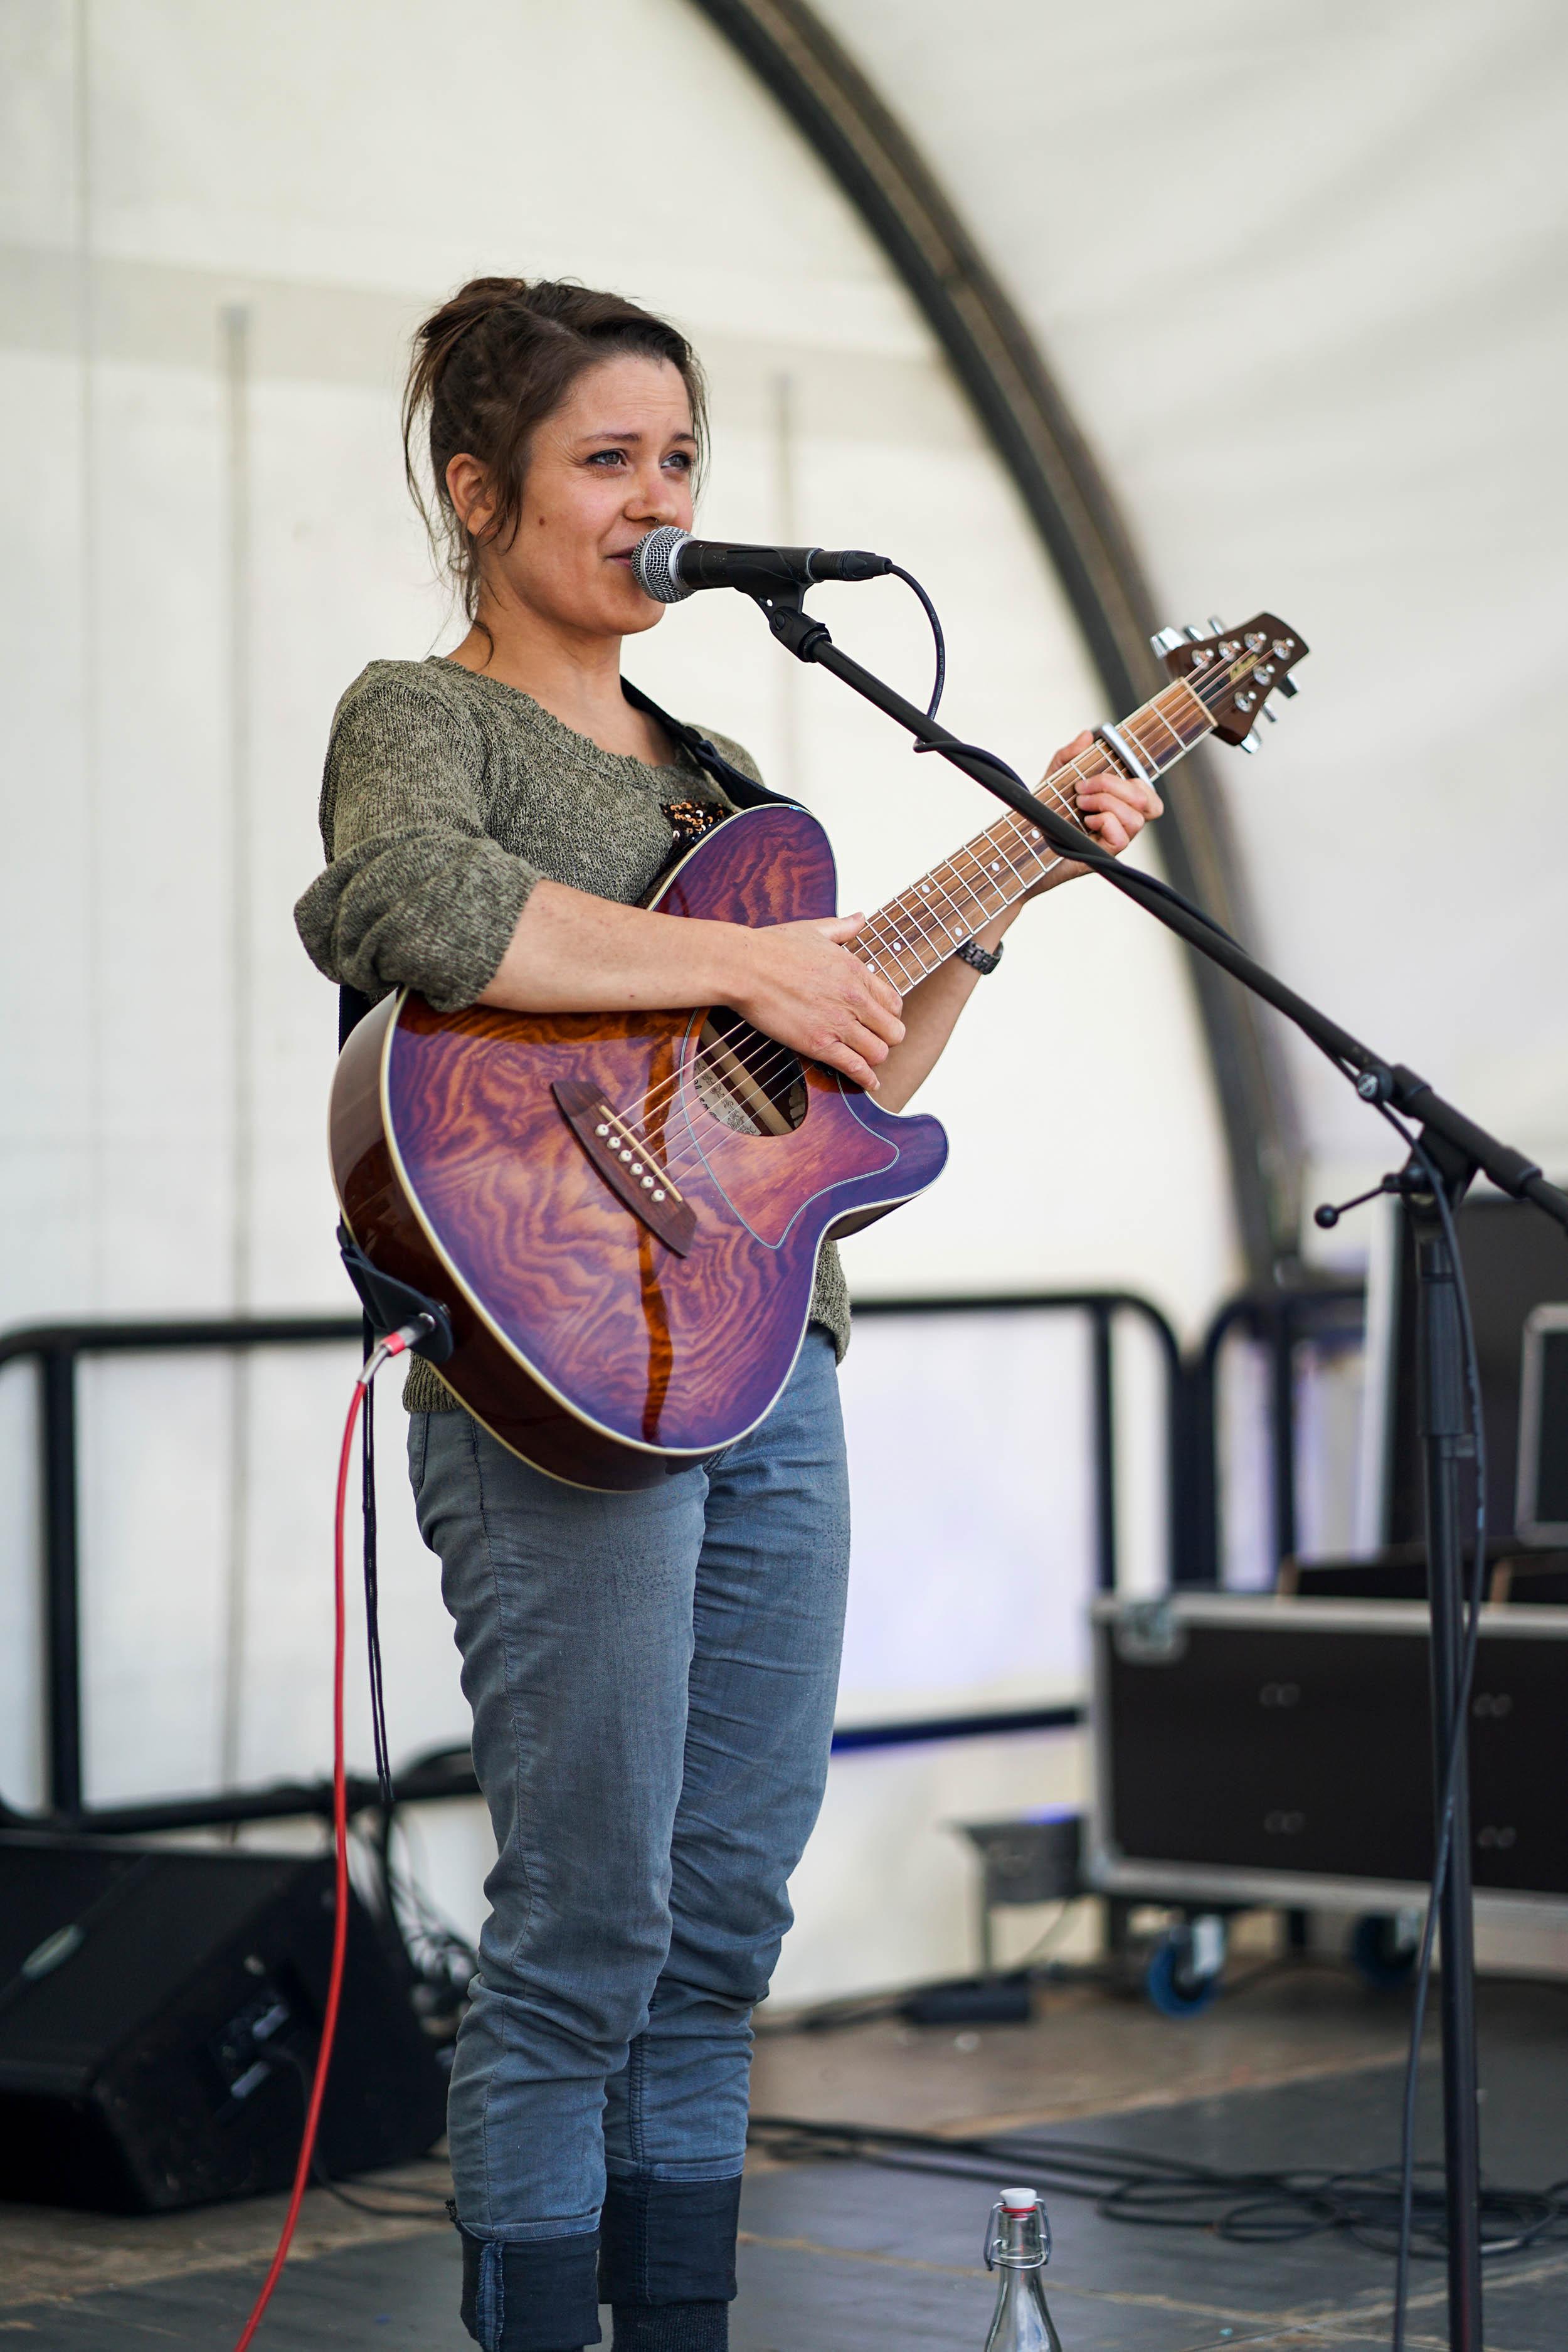 junge Frau zurückgesteckten brauen Haaren, Pulli, Jeans und Gitarre